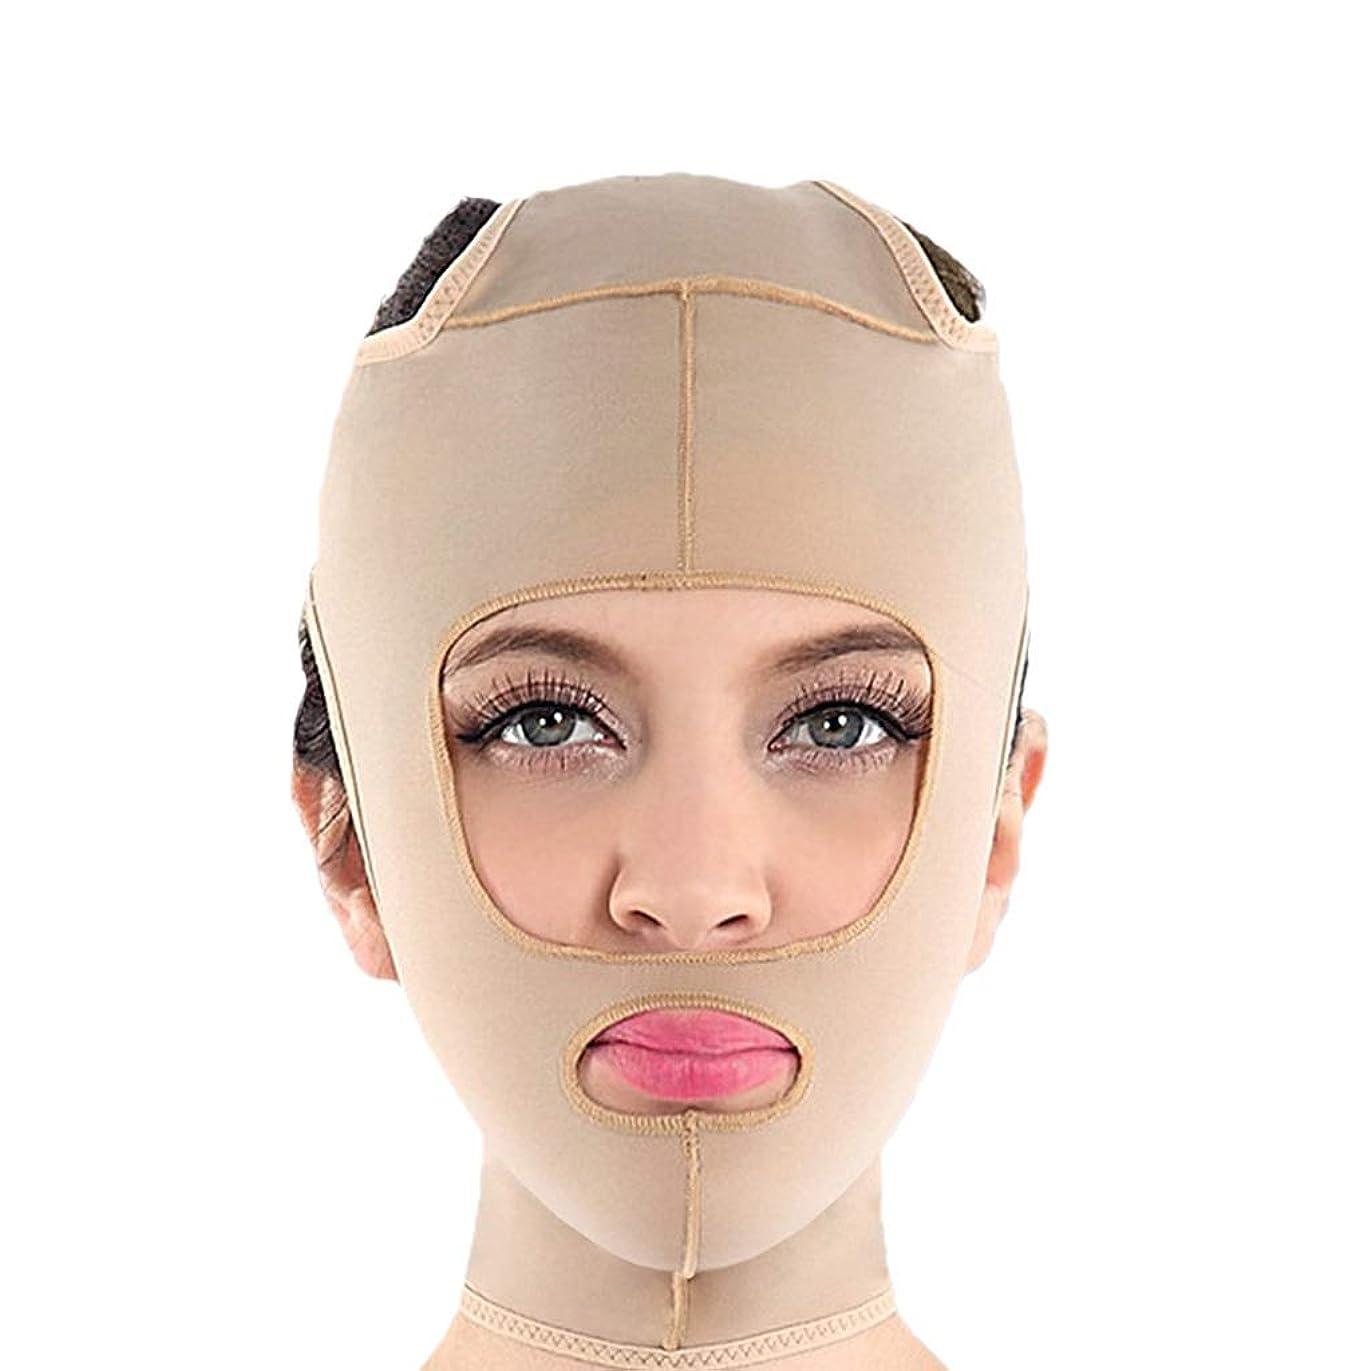 絶縁するベアリングサークルジョブXHLMRMJ フェイスリフティング、ダブルチンストラップ、フェイシャル減量マスク、ダブルチンを減らすリフティングヌードル、ファーミングフェイス、パワフルリフティングマスク (Size : L)